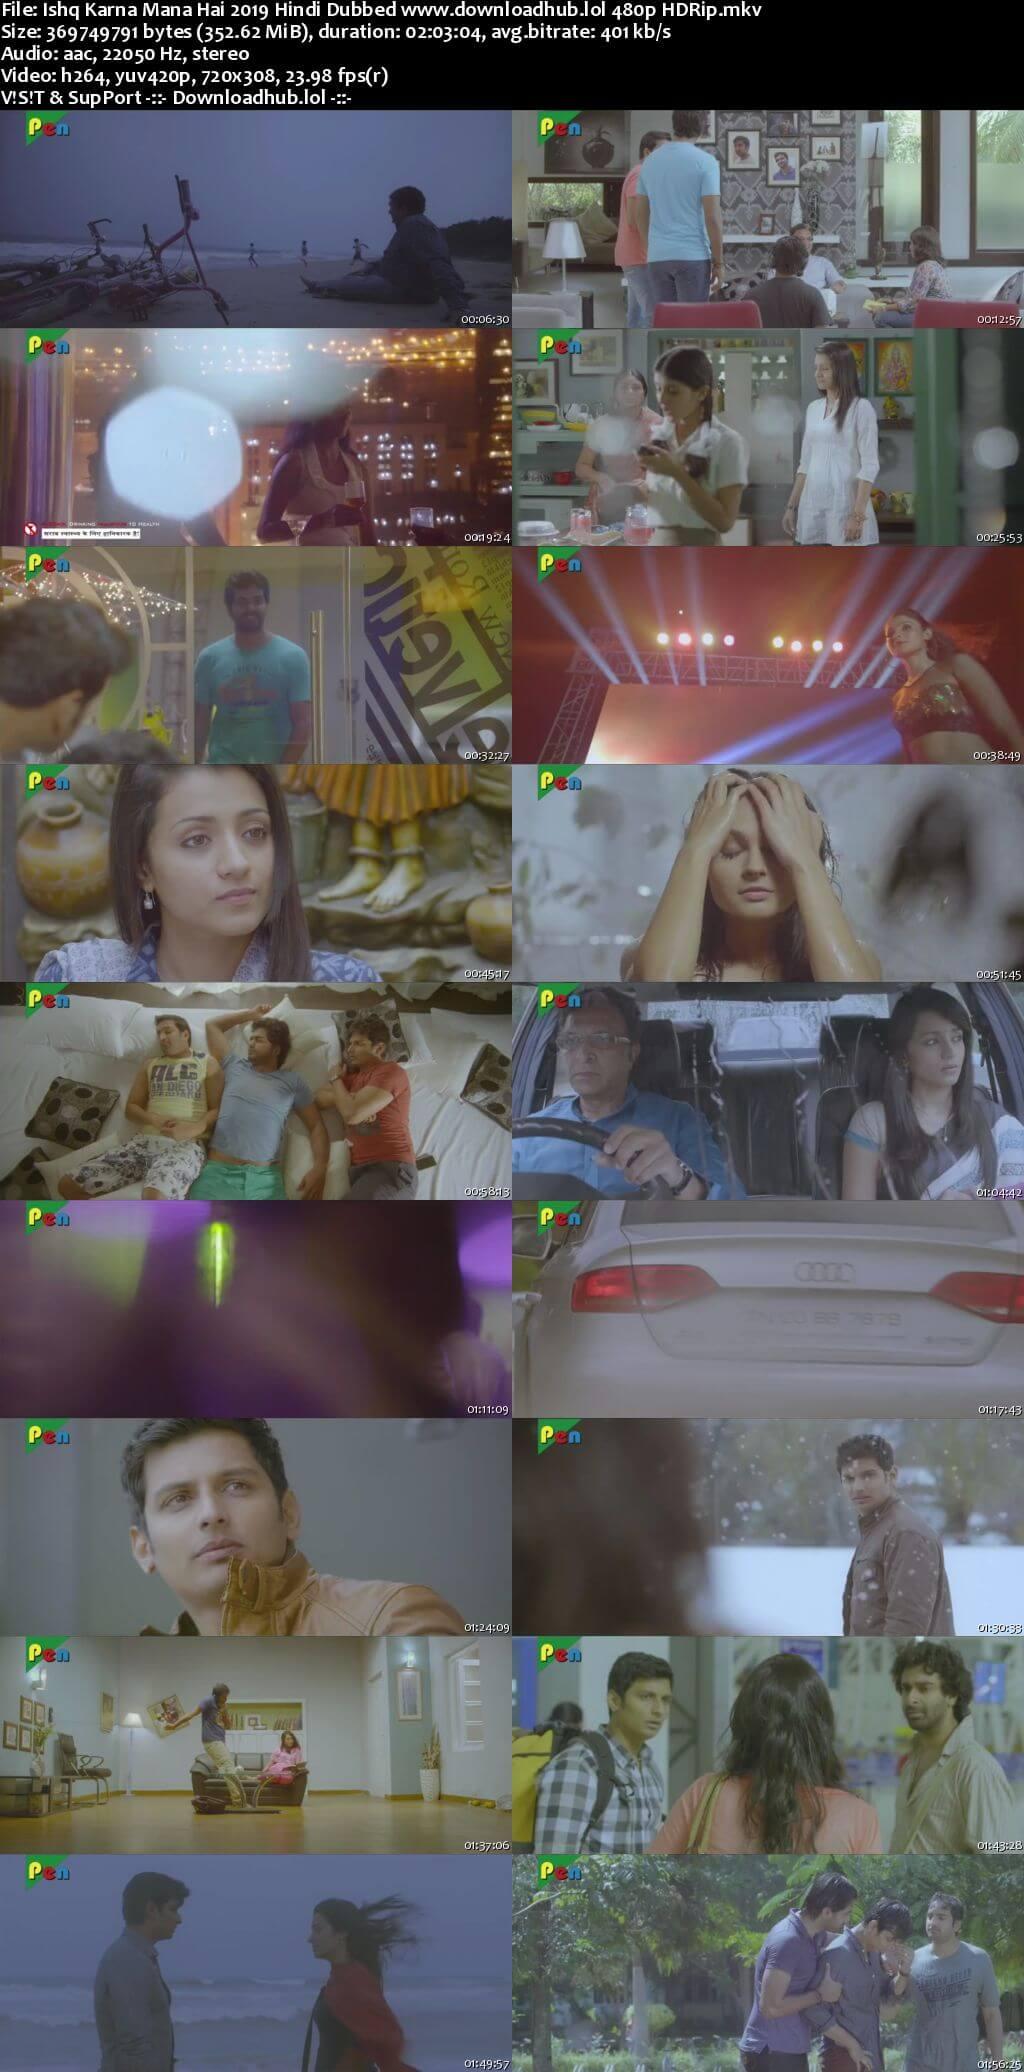 Ishq Karna Mana Hai 2019 Hindi Dubbed 350MB HDRip 480p